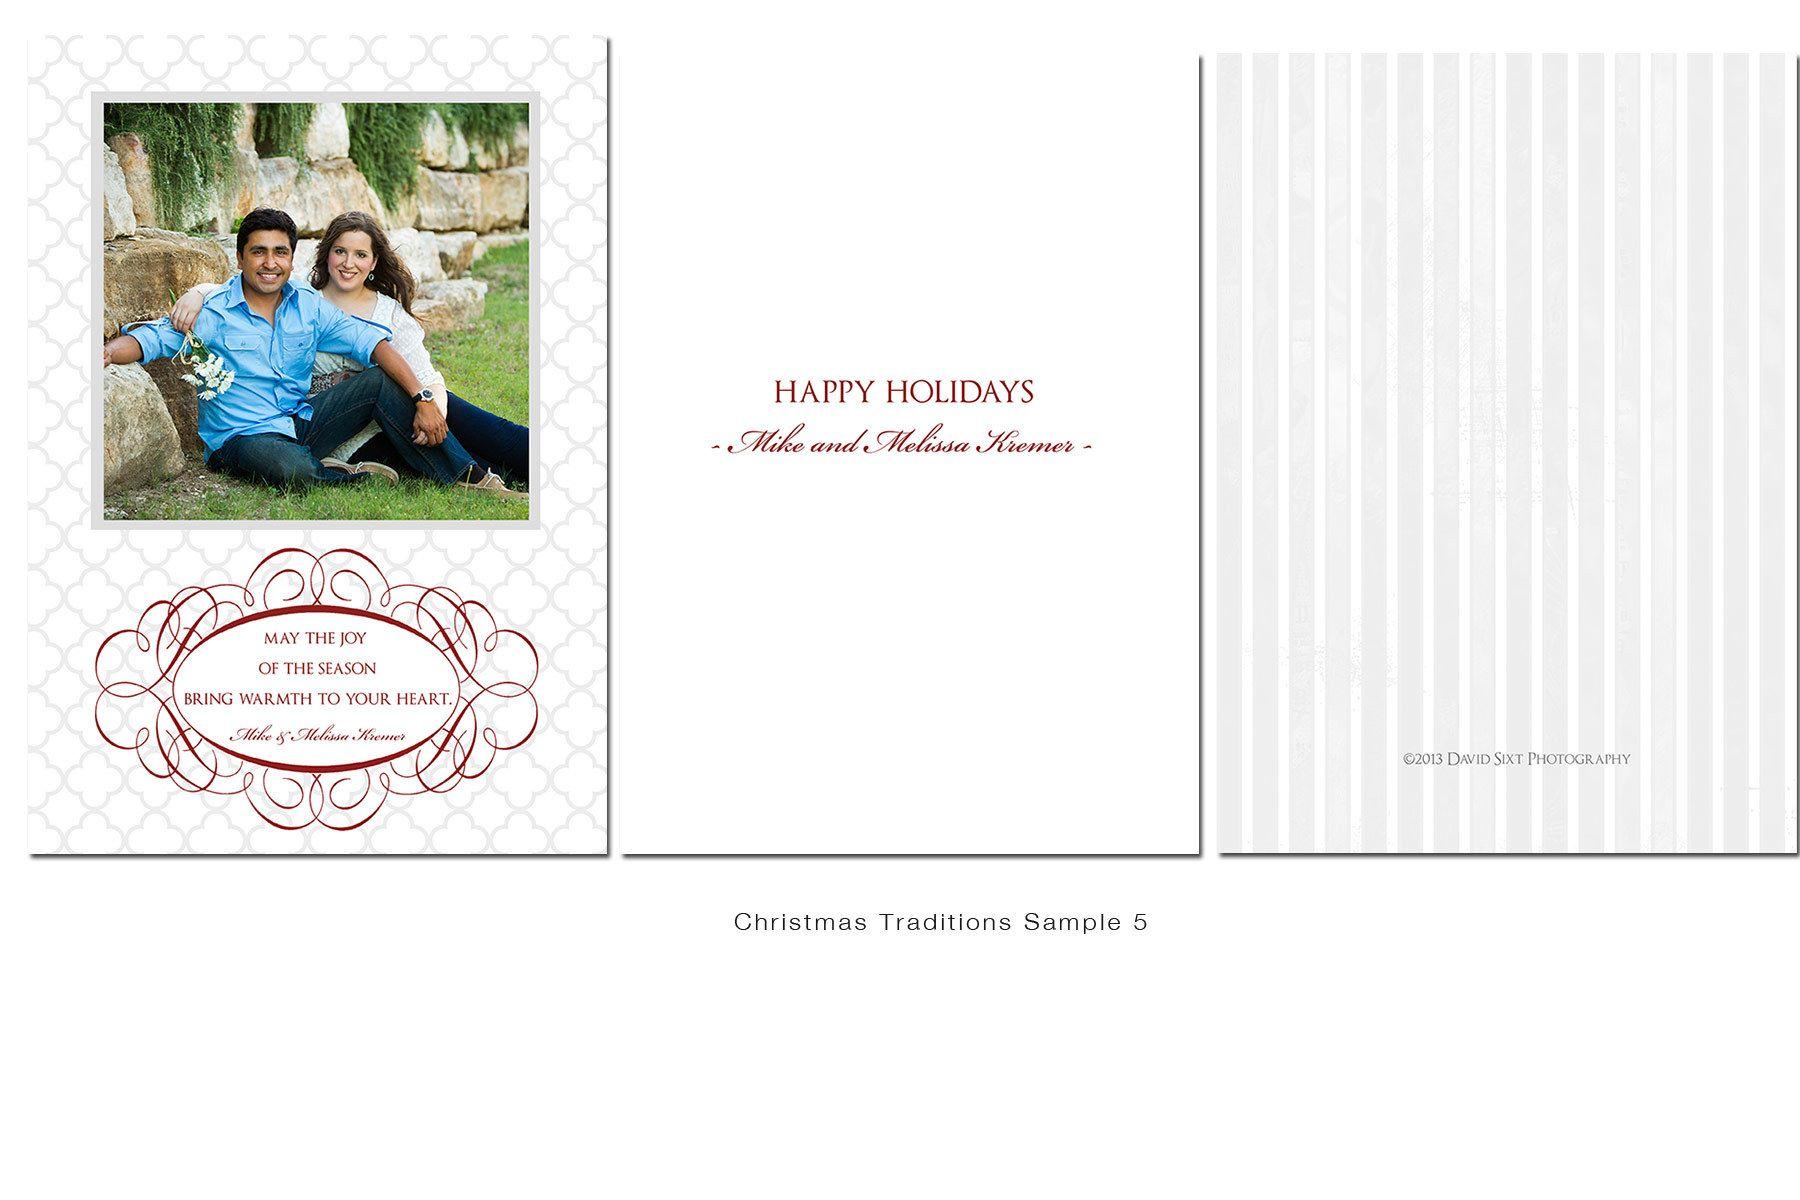 1christmas_traditions_sample_5.jpg